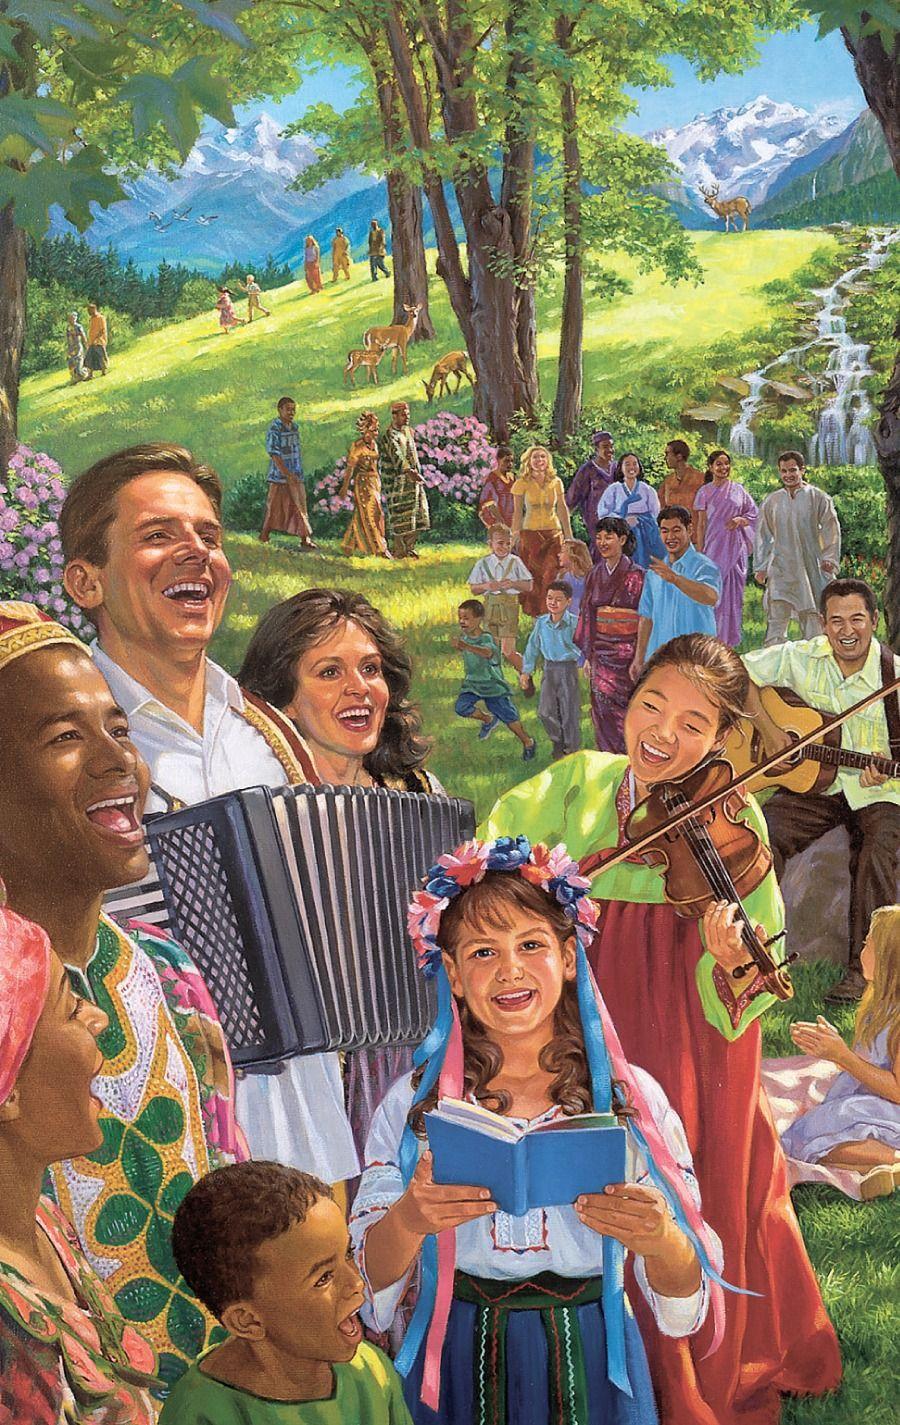 Mensen die zingen, muziek maken en genieten van het leven in de nieuwe wereld